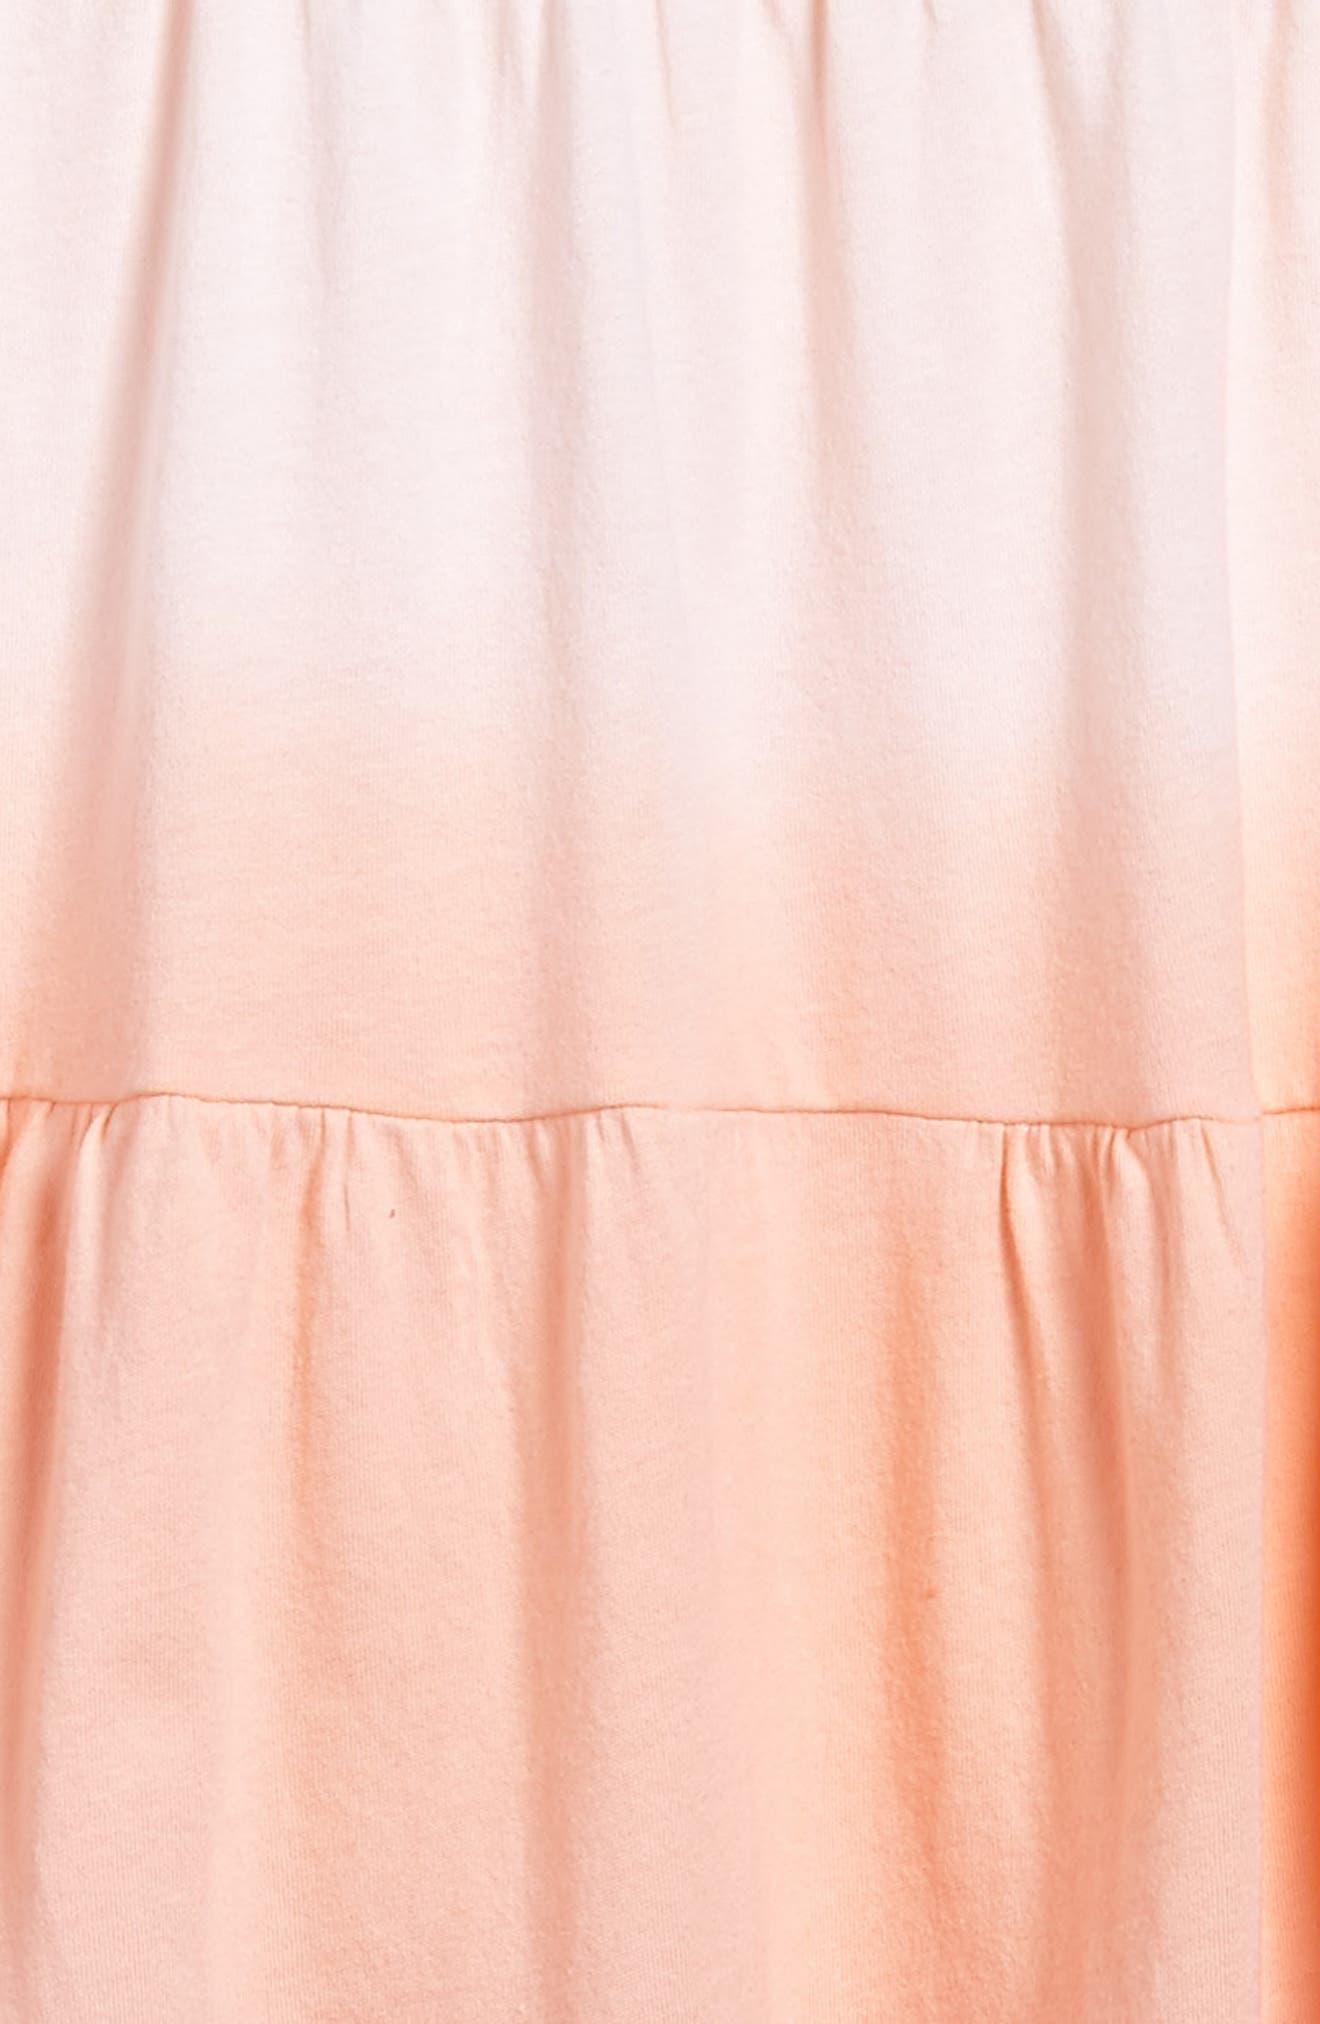 Dip Dye Organic Cotton Dress,                             Alternate thumbnail 3, color,                             950